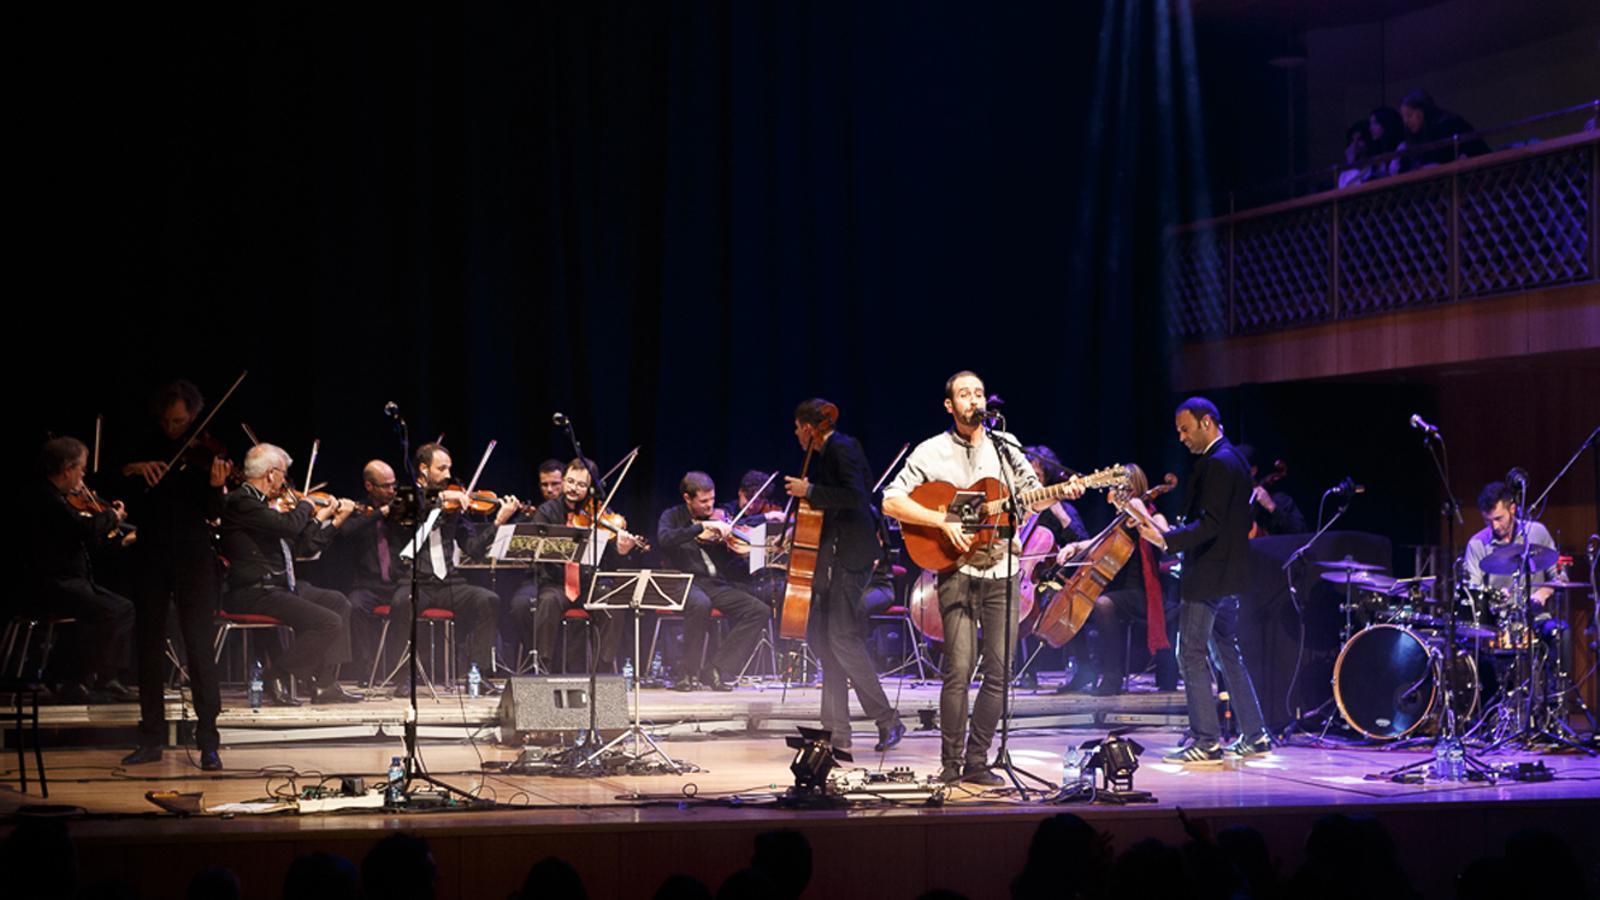 L'actuació de l'ONCA i Blaumut al Festival Narciso Yepes. / SERGI PÉREZ PHOTO